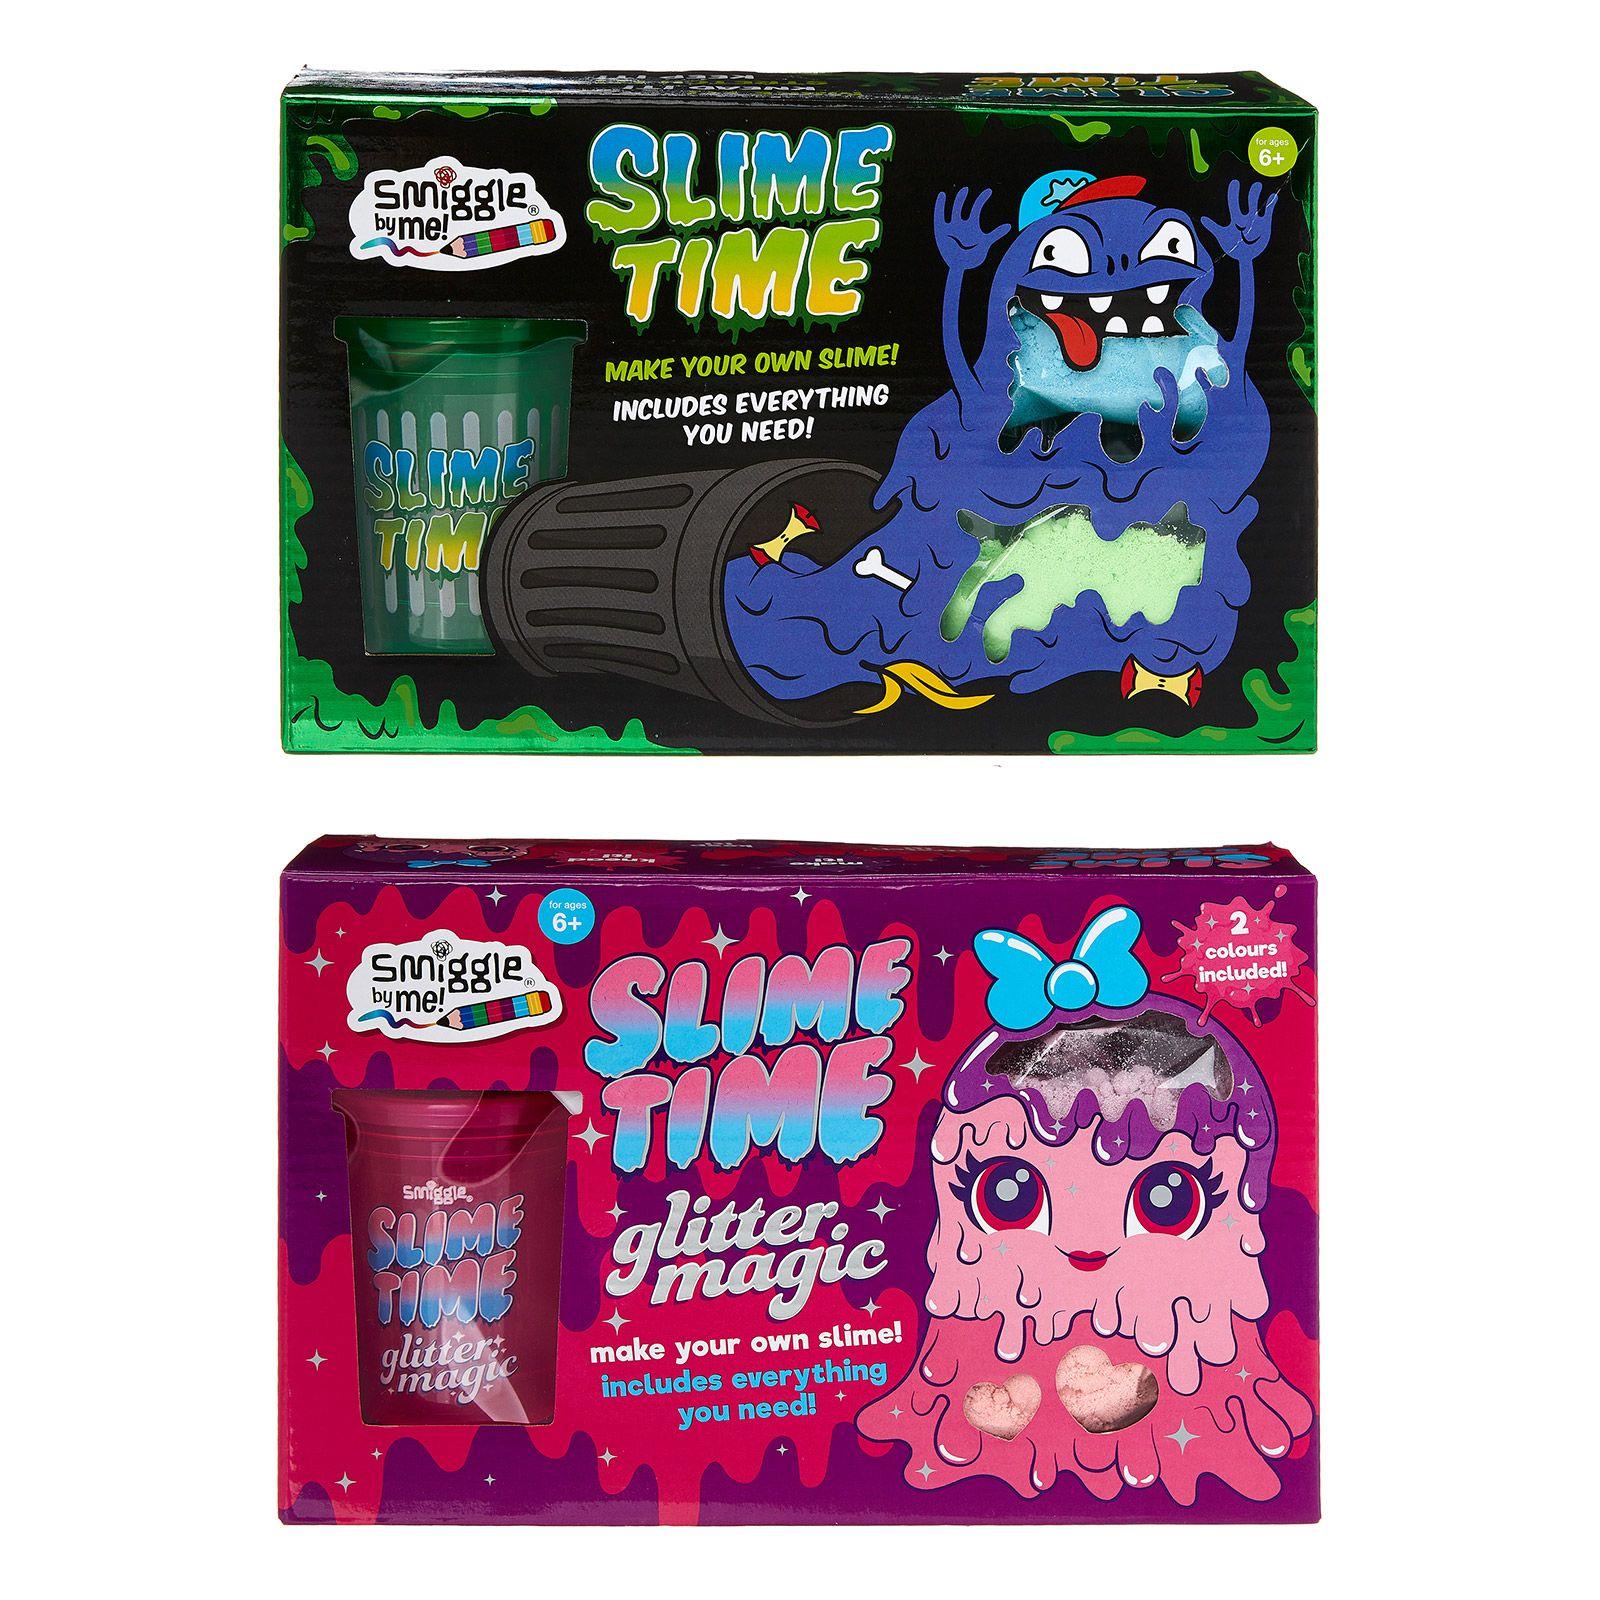 Diy Slime Time Kit Smiggle Diy slime, Slime time, Slime